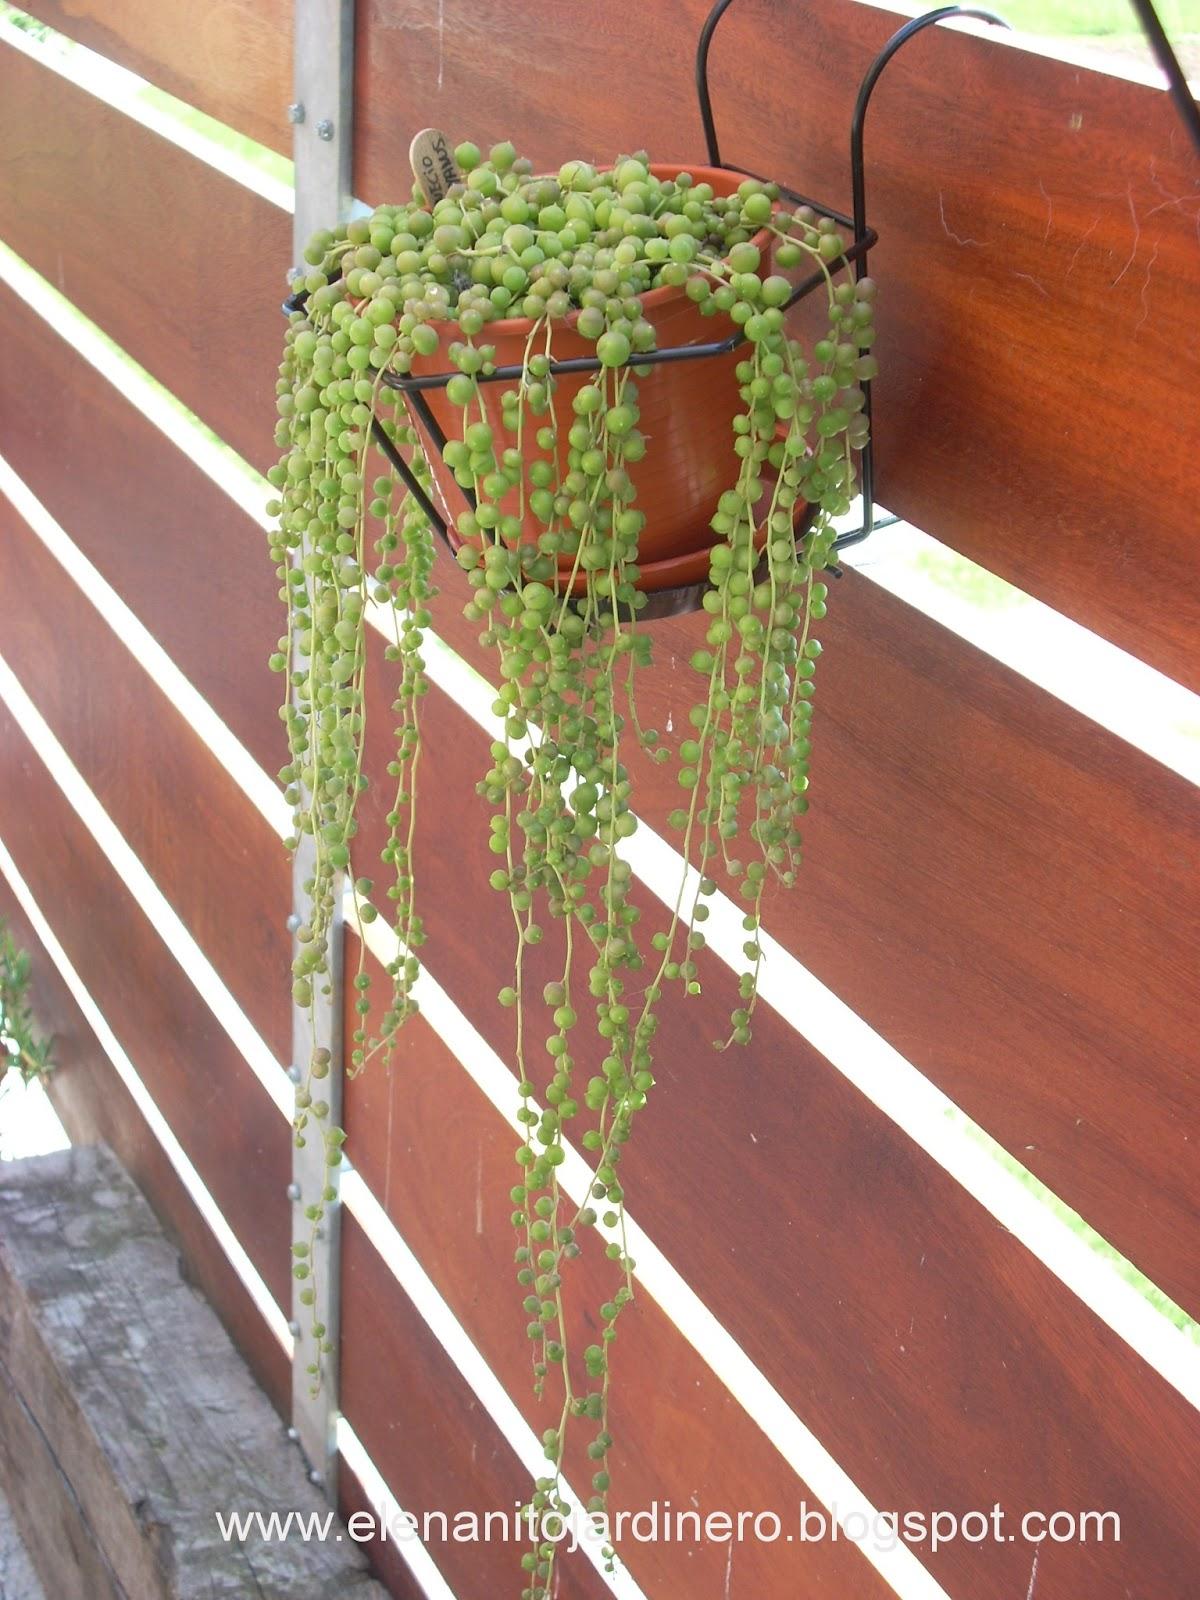 El enanito jardinero senecio rowleyanus - Plantas de interior colgantes ...